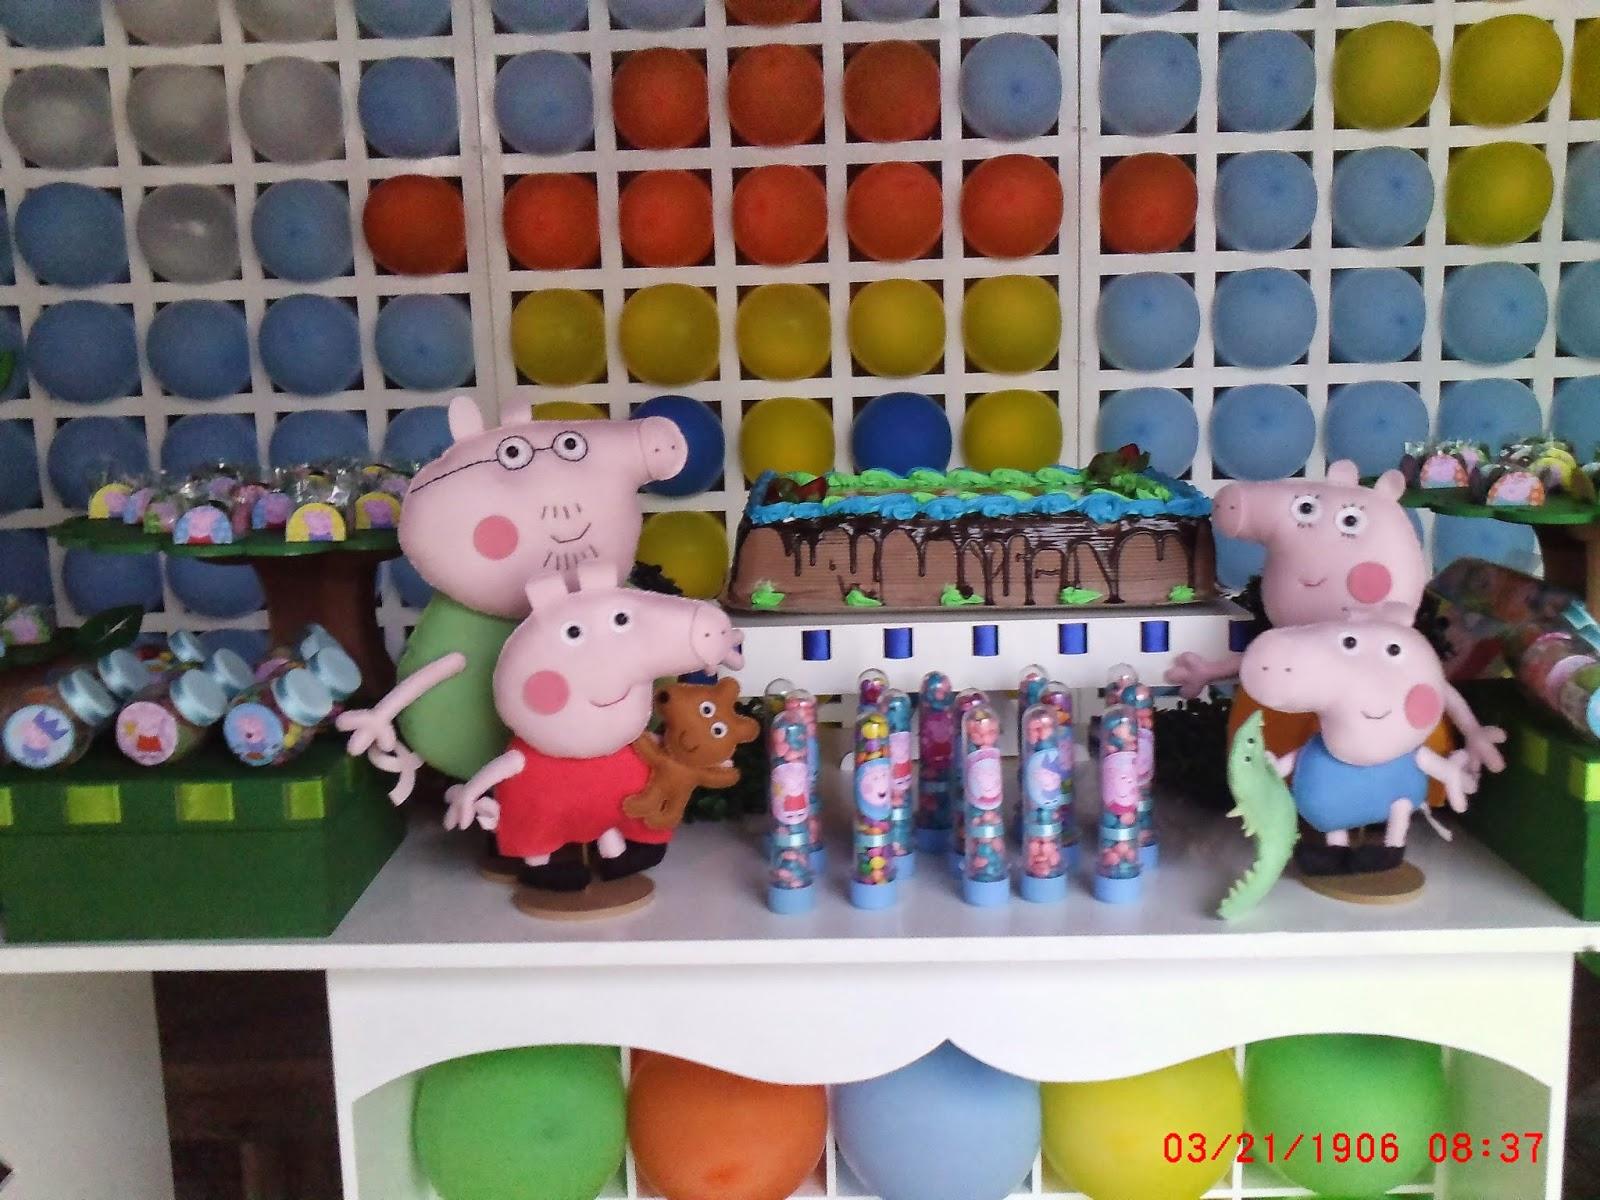 decoracao festa londrina : Decorao De Festa Infantil Claudia Hayasida Londrina Pr ...